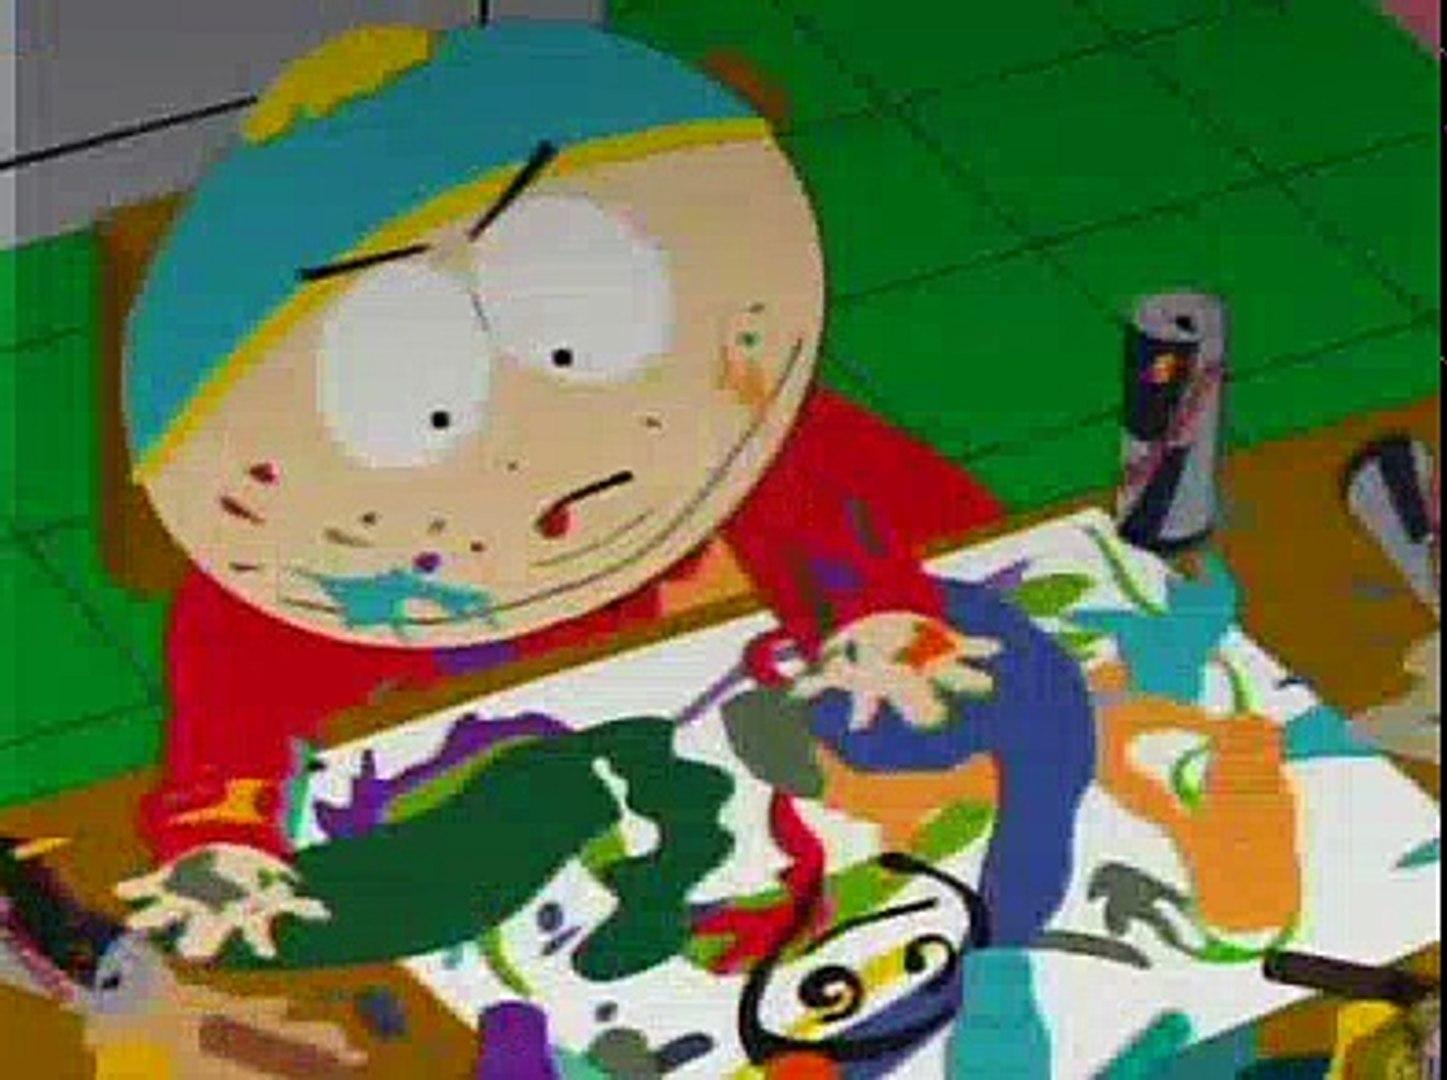 South Park S10E11 - Hell on Earth 2006